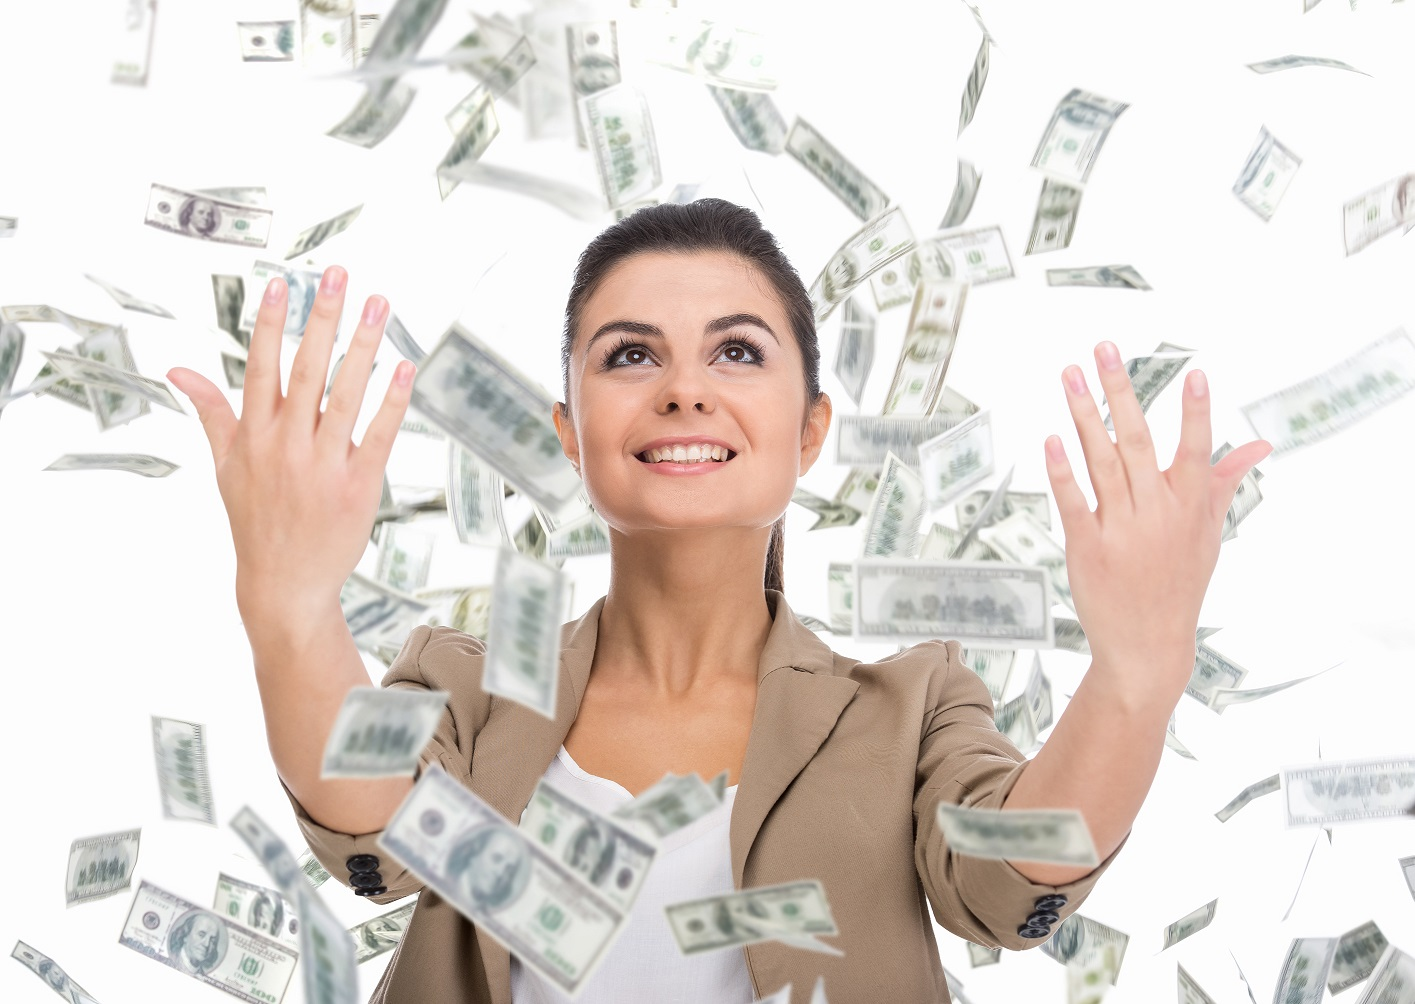 Jak odłożyć pieniądze? Poradnik oszczędzanie Money Woman med